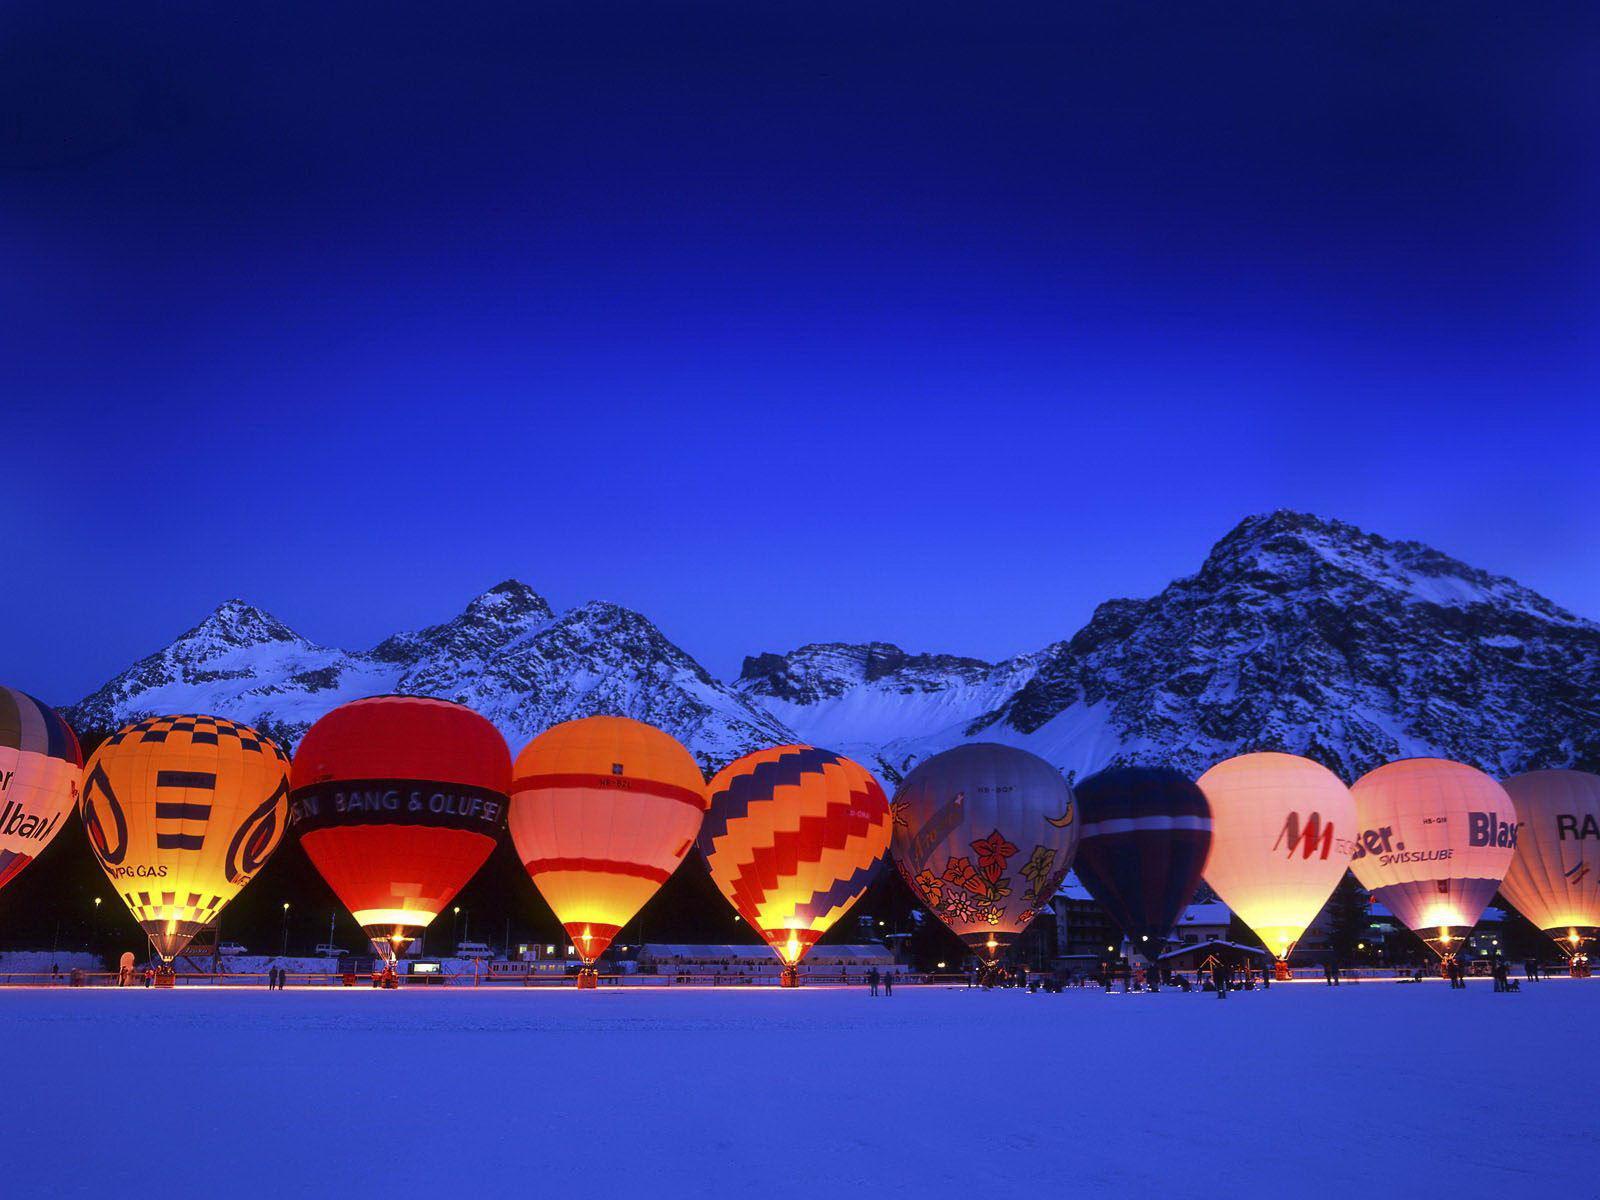 Balloons Air Parade - Balloons Air Parade